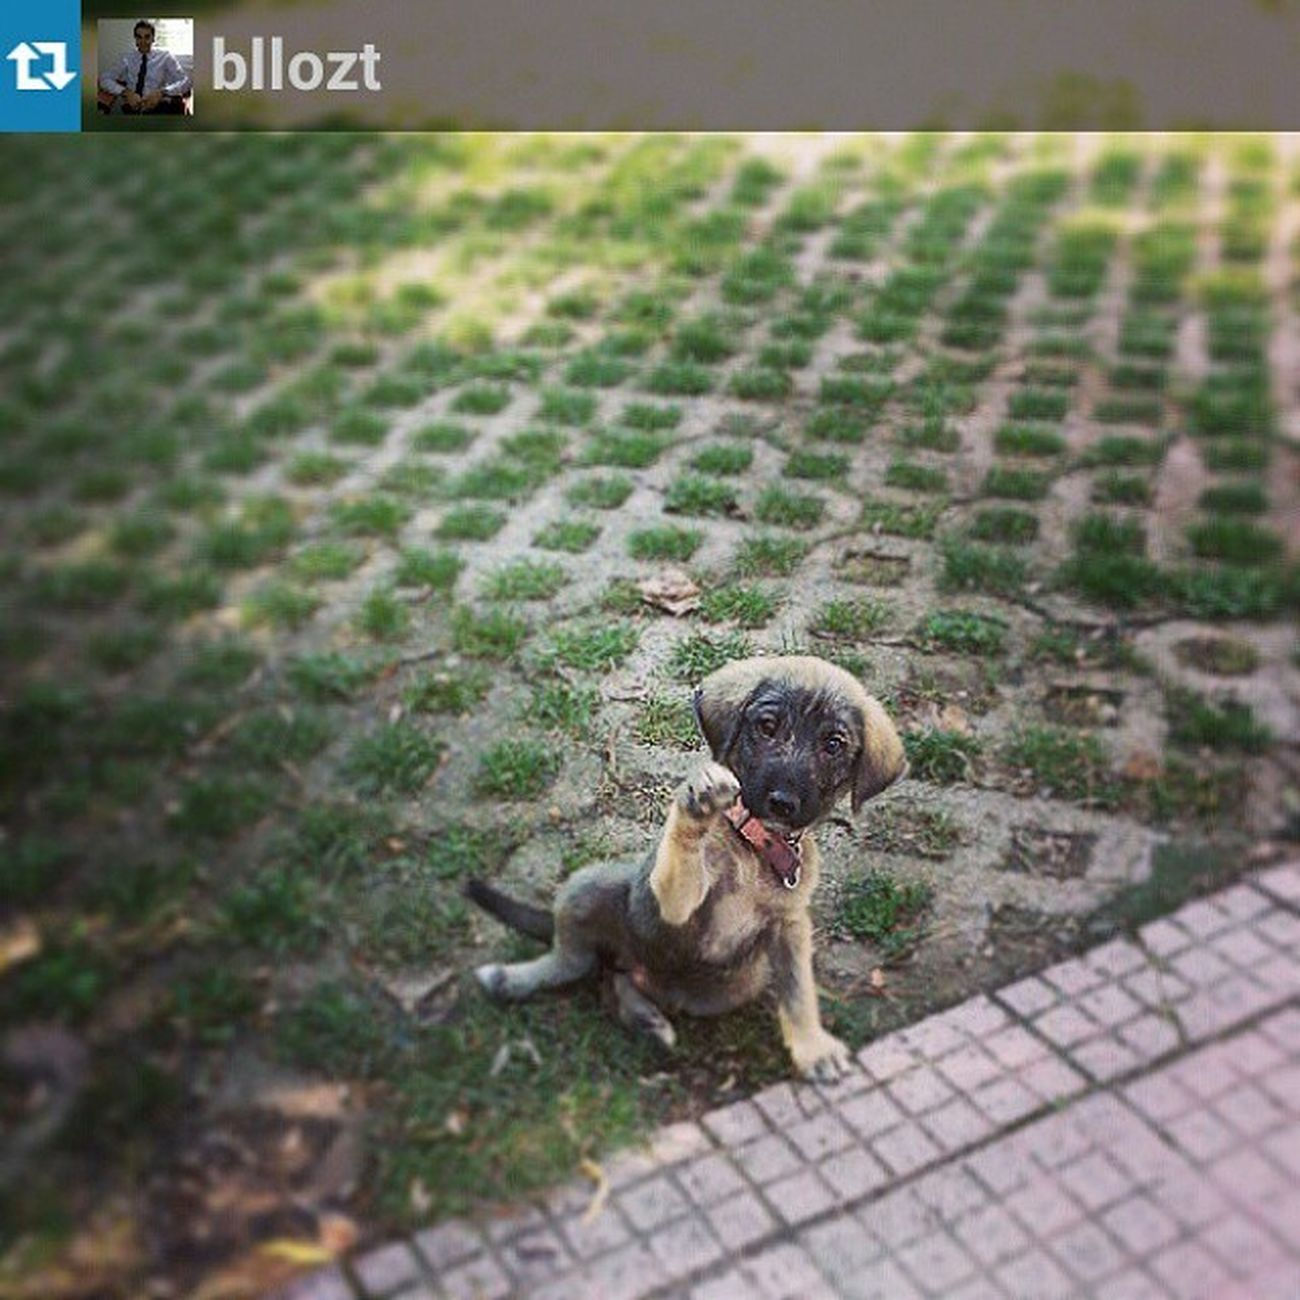 Repost from @bllozt with @repostapp — Köpekler değişse de isim hep aynı Yeni Cesur Brave dog tasma pınarca Çerkezköy